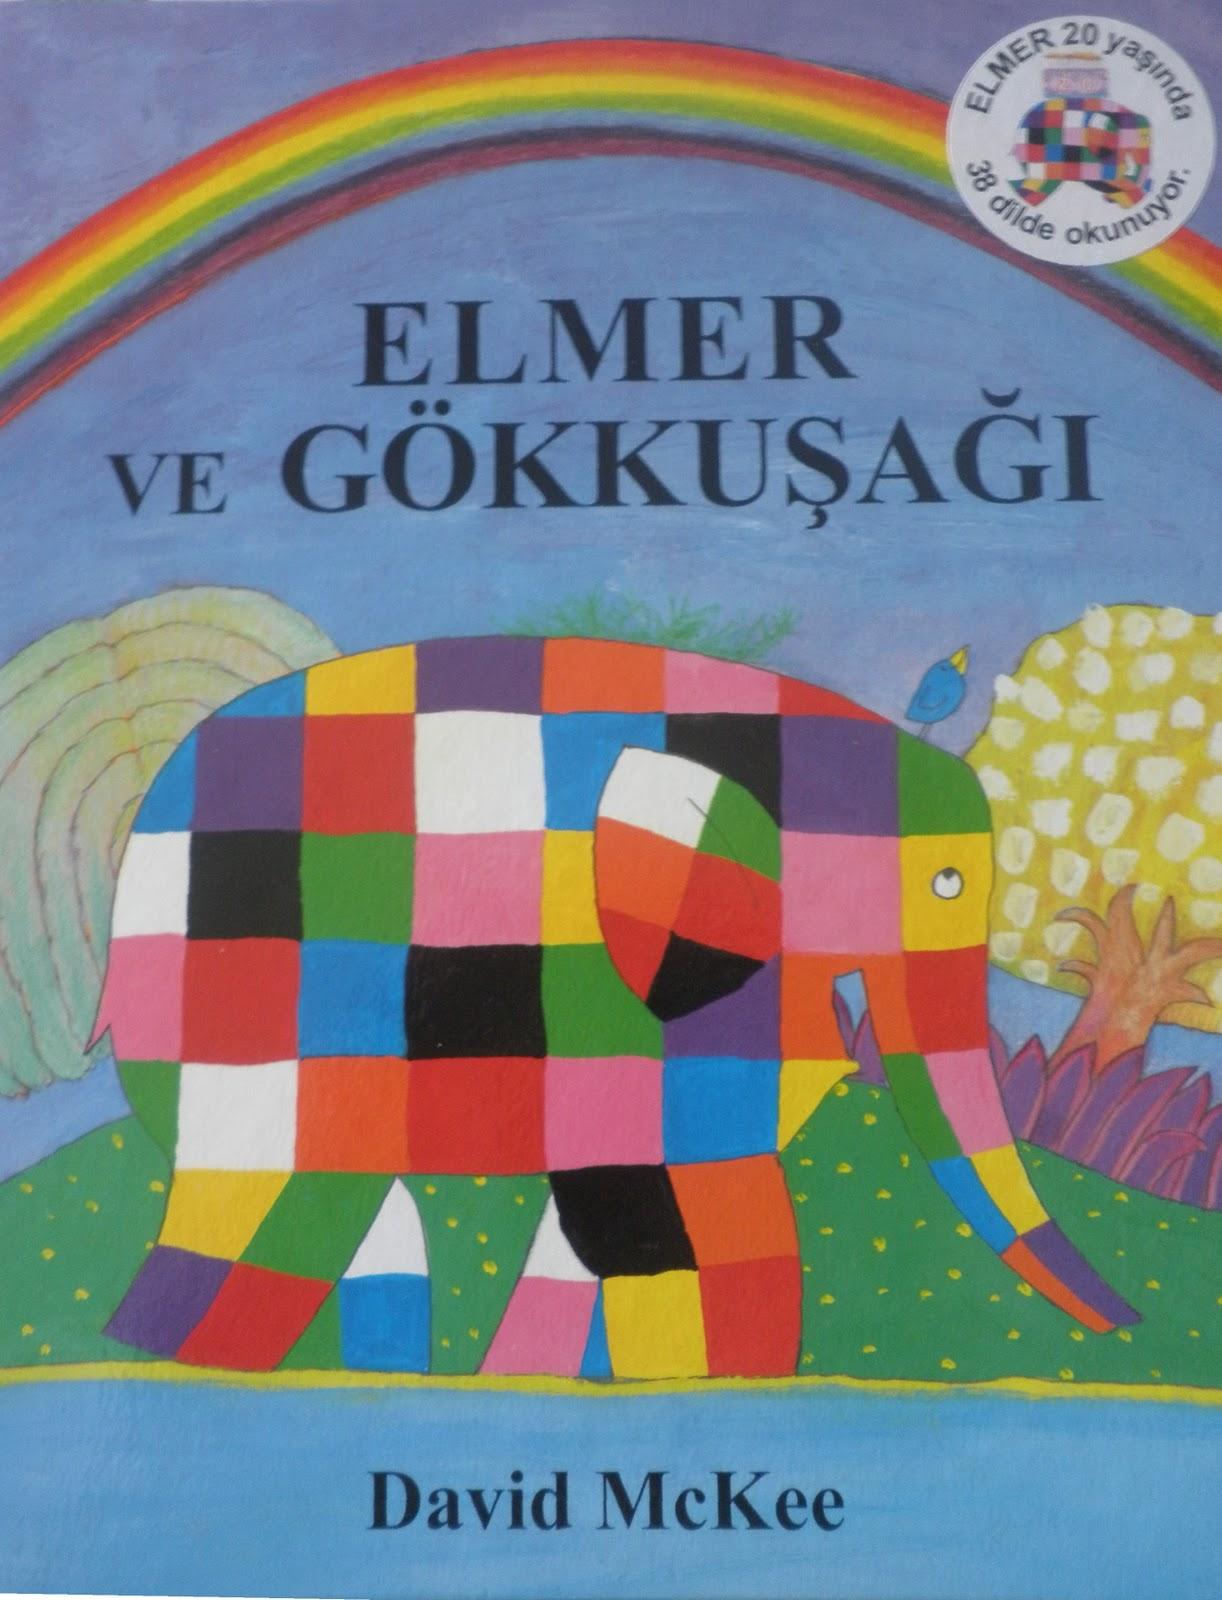 Photo of Elmer ve Gökkuşağı